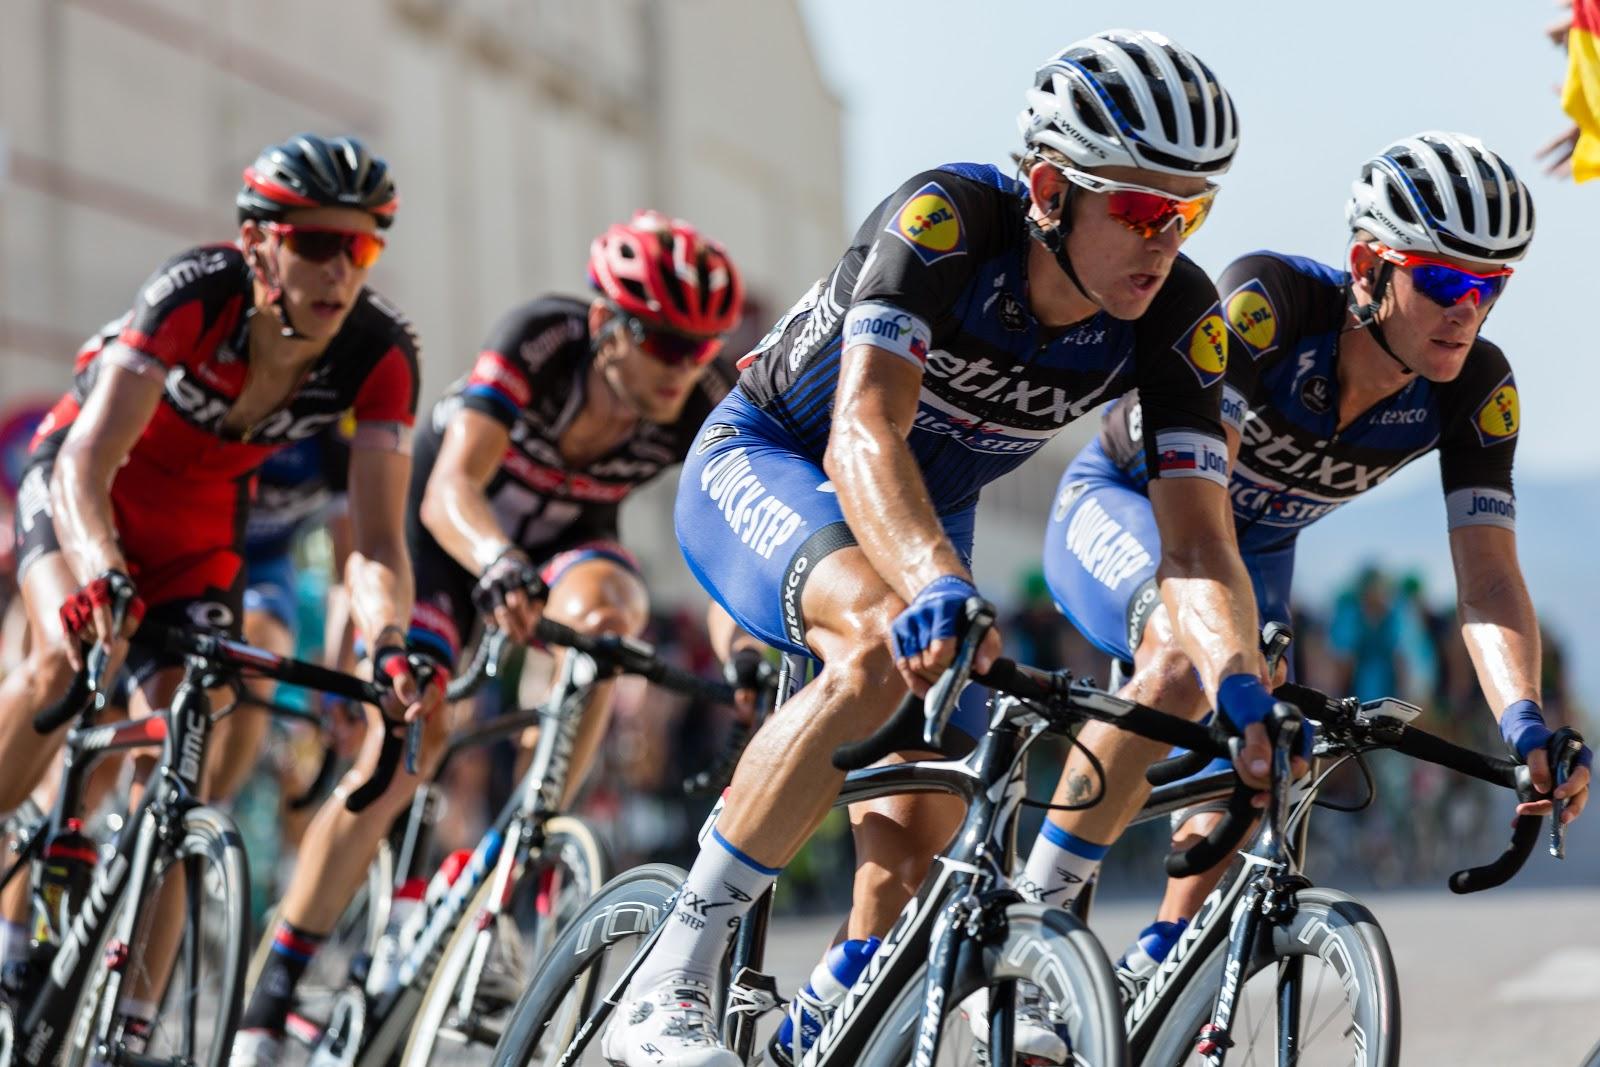 קבוצת רוכבי אופניים על מסלול תחרותי